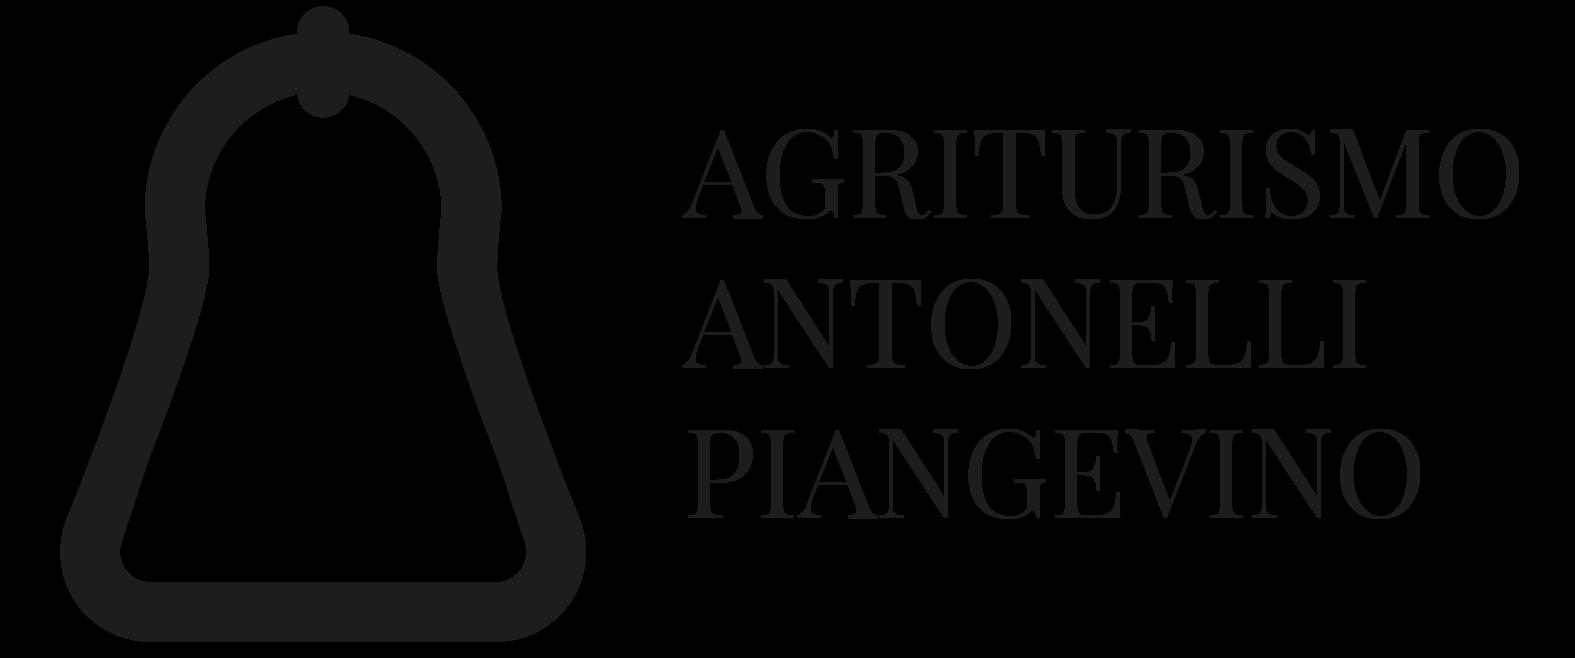 Agriturismo Antonelli Piangevino